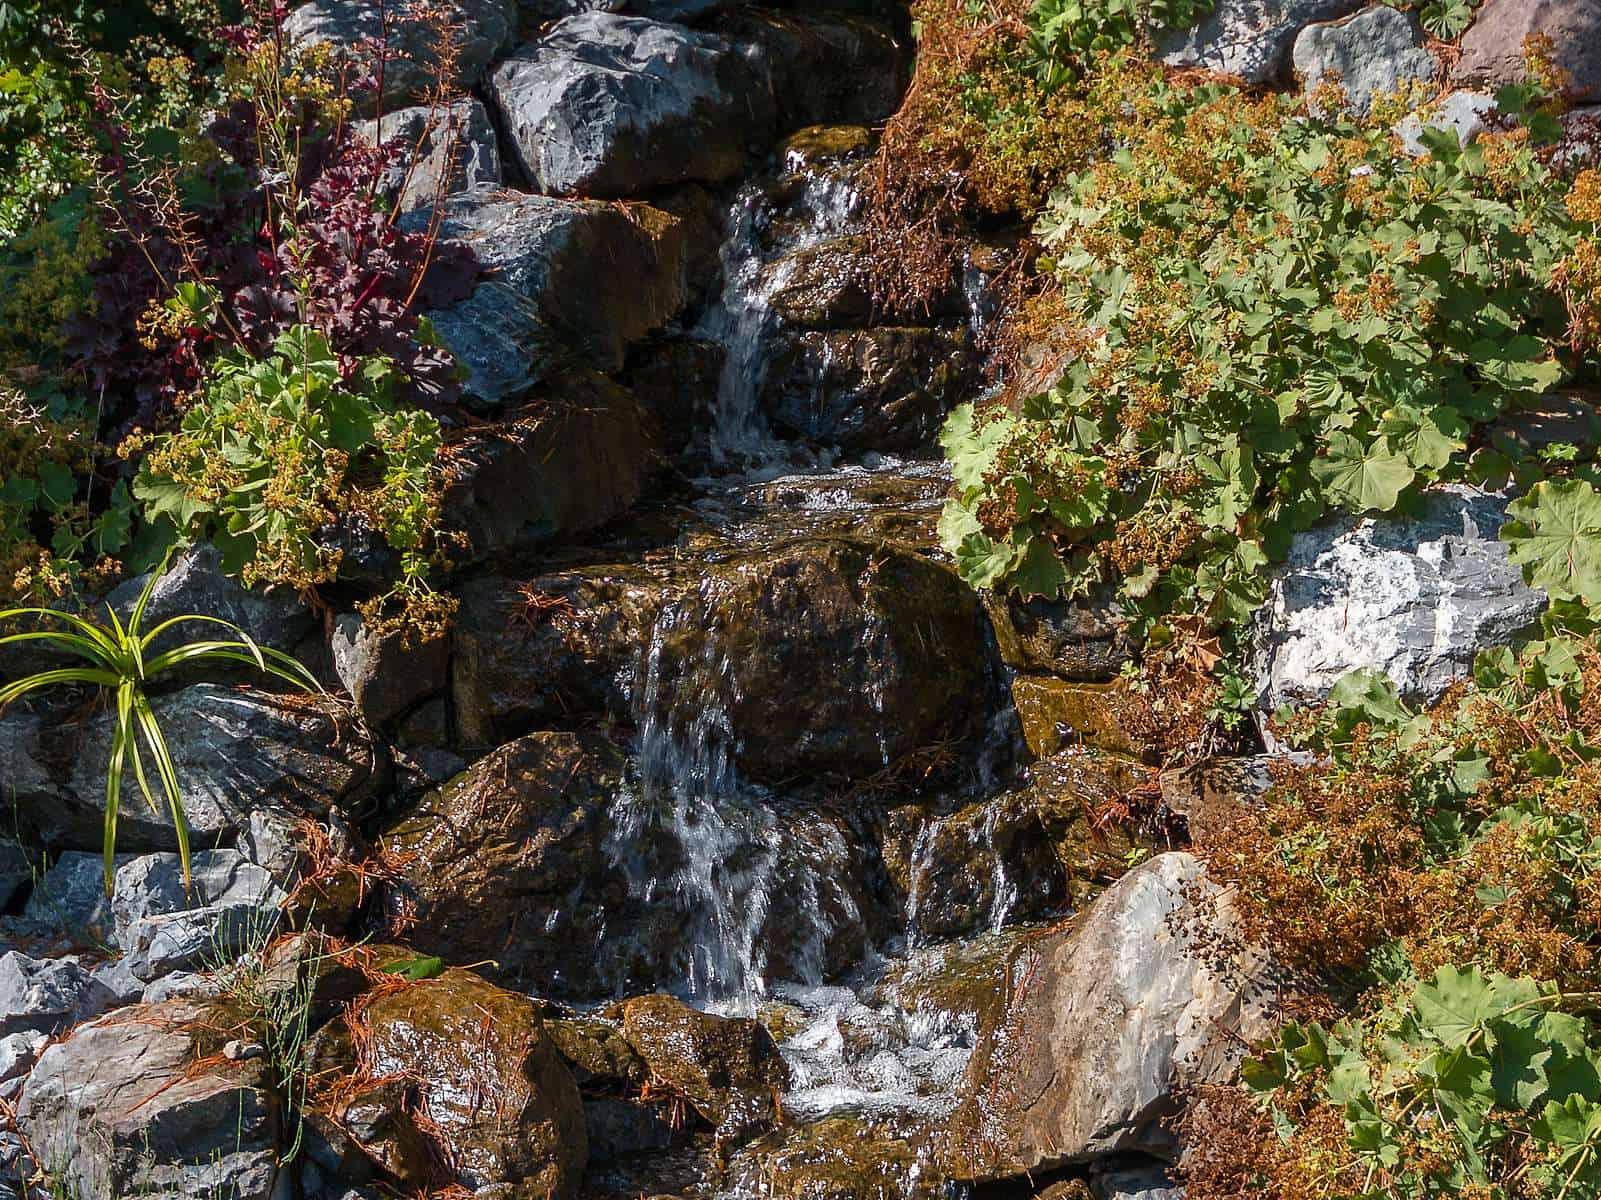 Ein schöner Blick auf unseren Kalksteinbachlauf der die ursprünglich begrünte Seite unseres Hügels belebt.